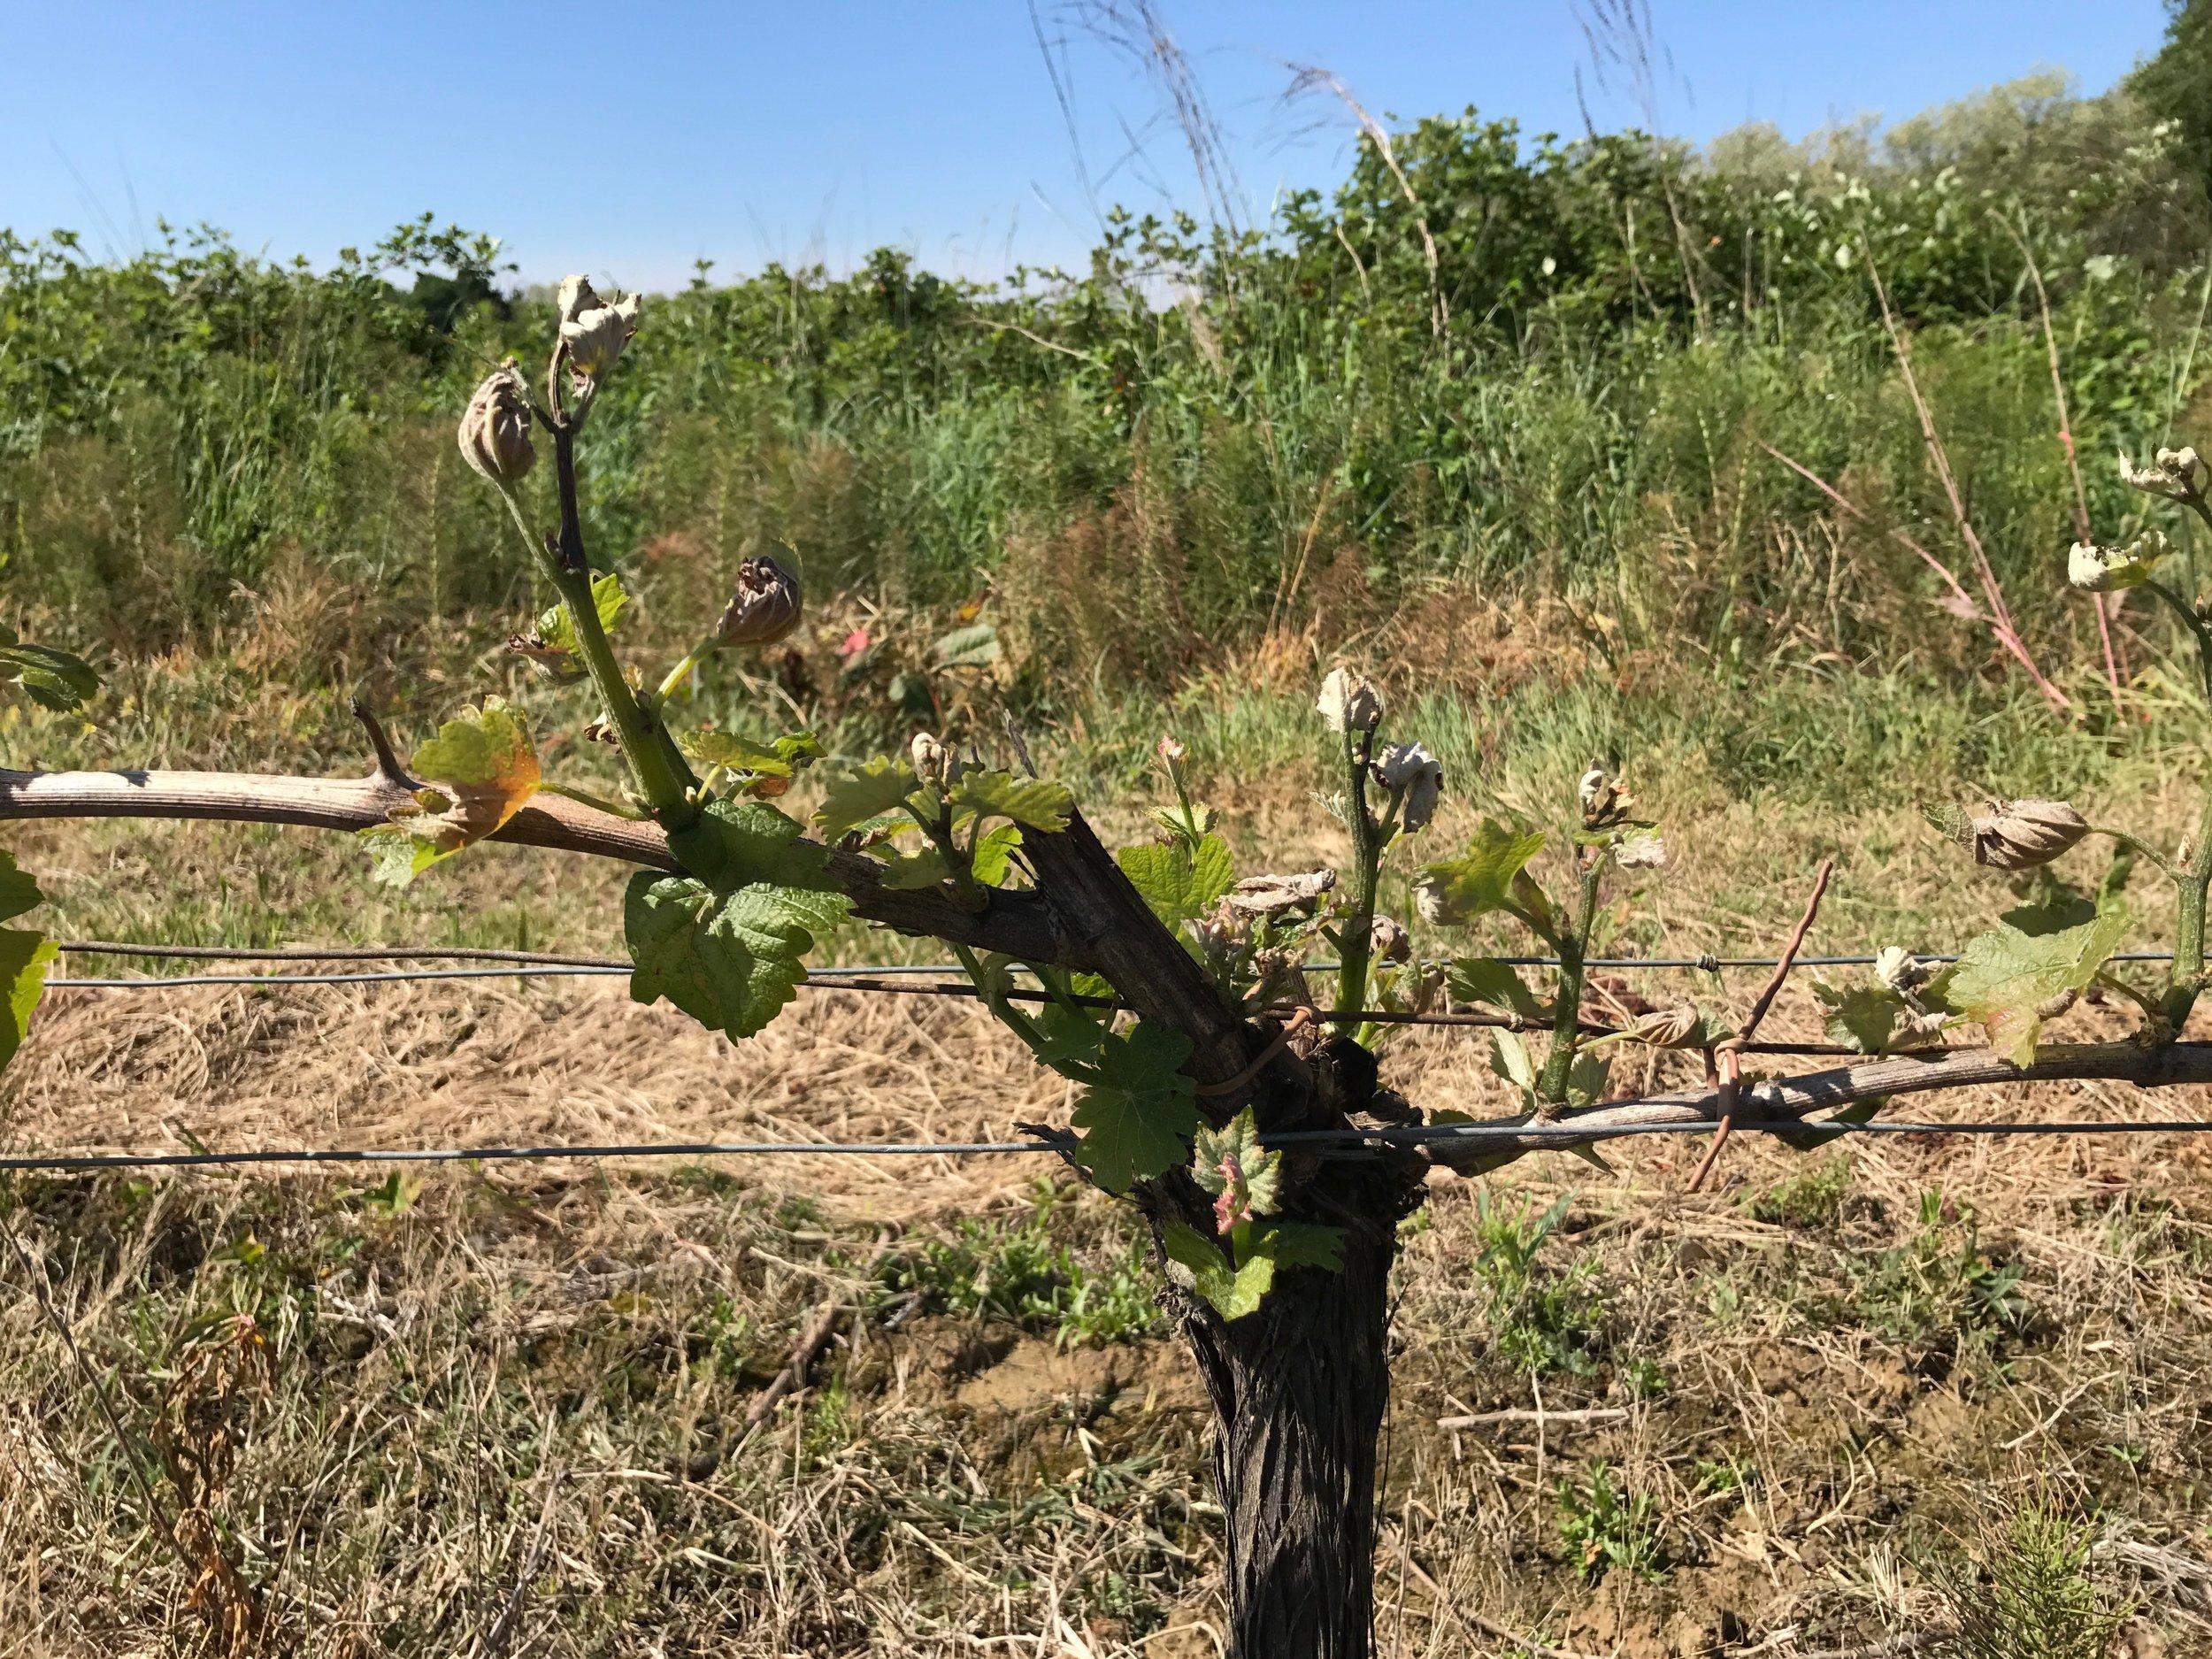 Pienet vauriot Sauvignon Gris -köynnöksessä hallan jälkeen vuonna 2017 - Sauvignon Gris with minor damages after the frost in 2017